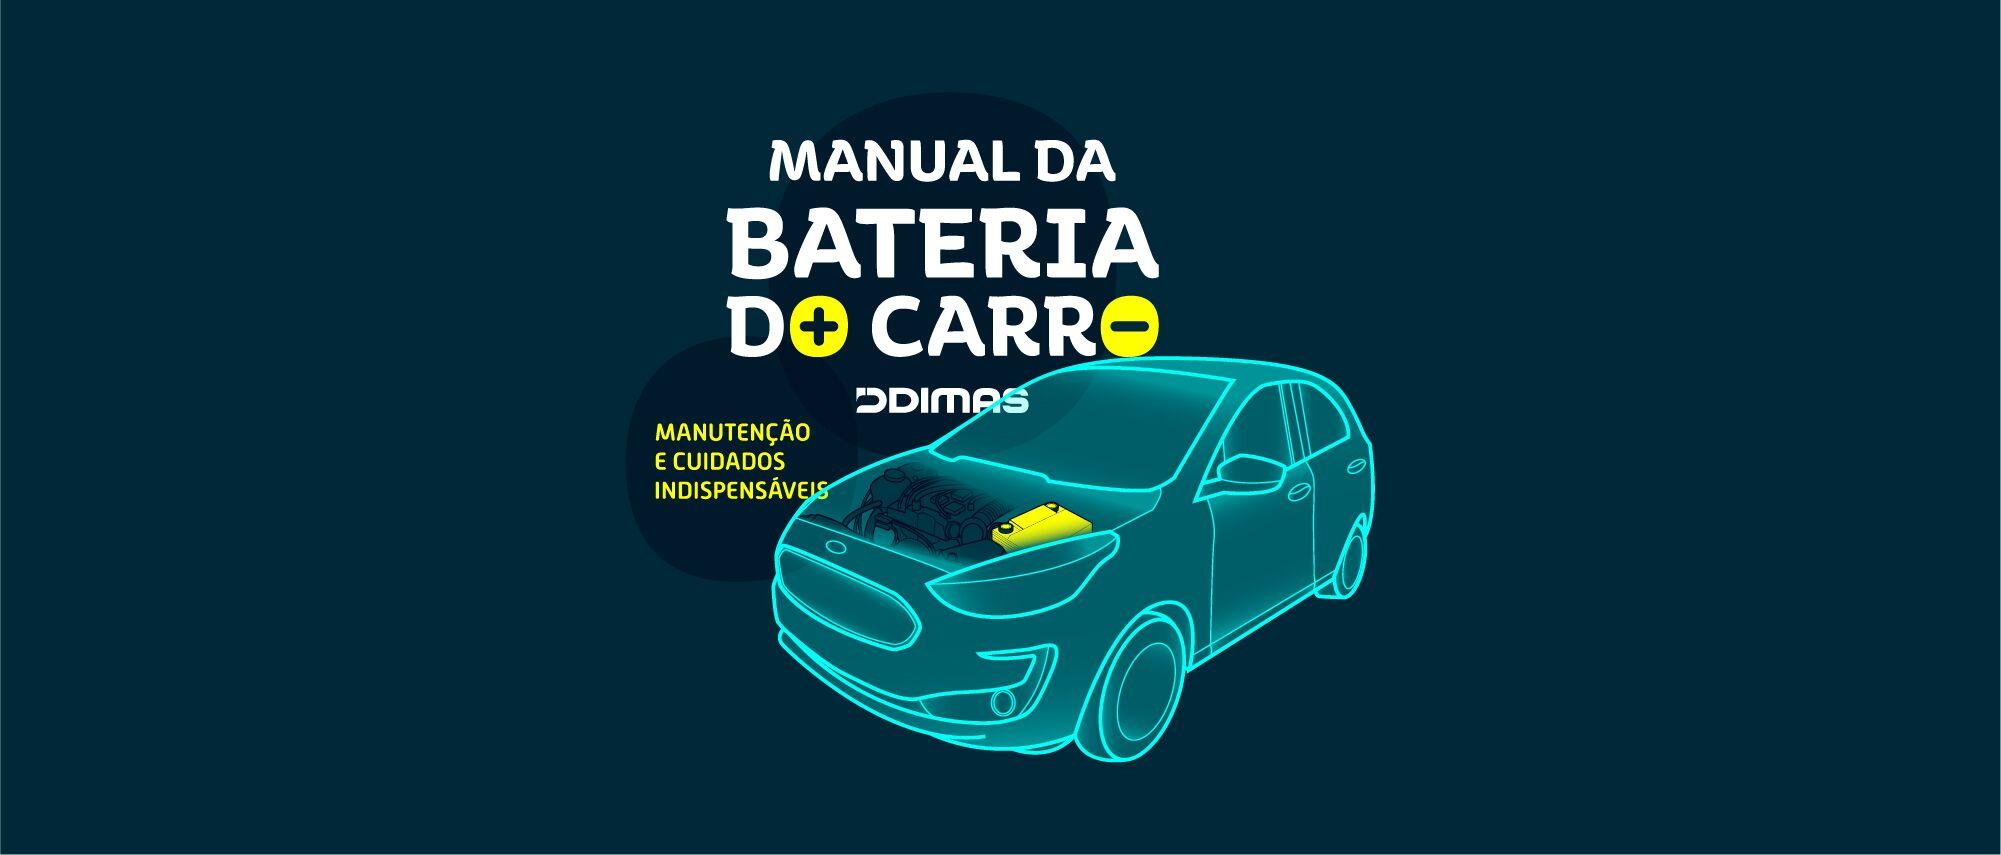 manual da bateria do carro